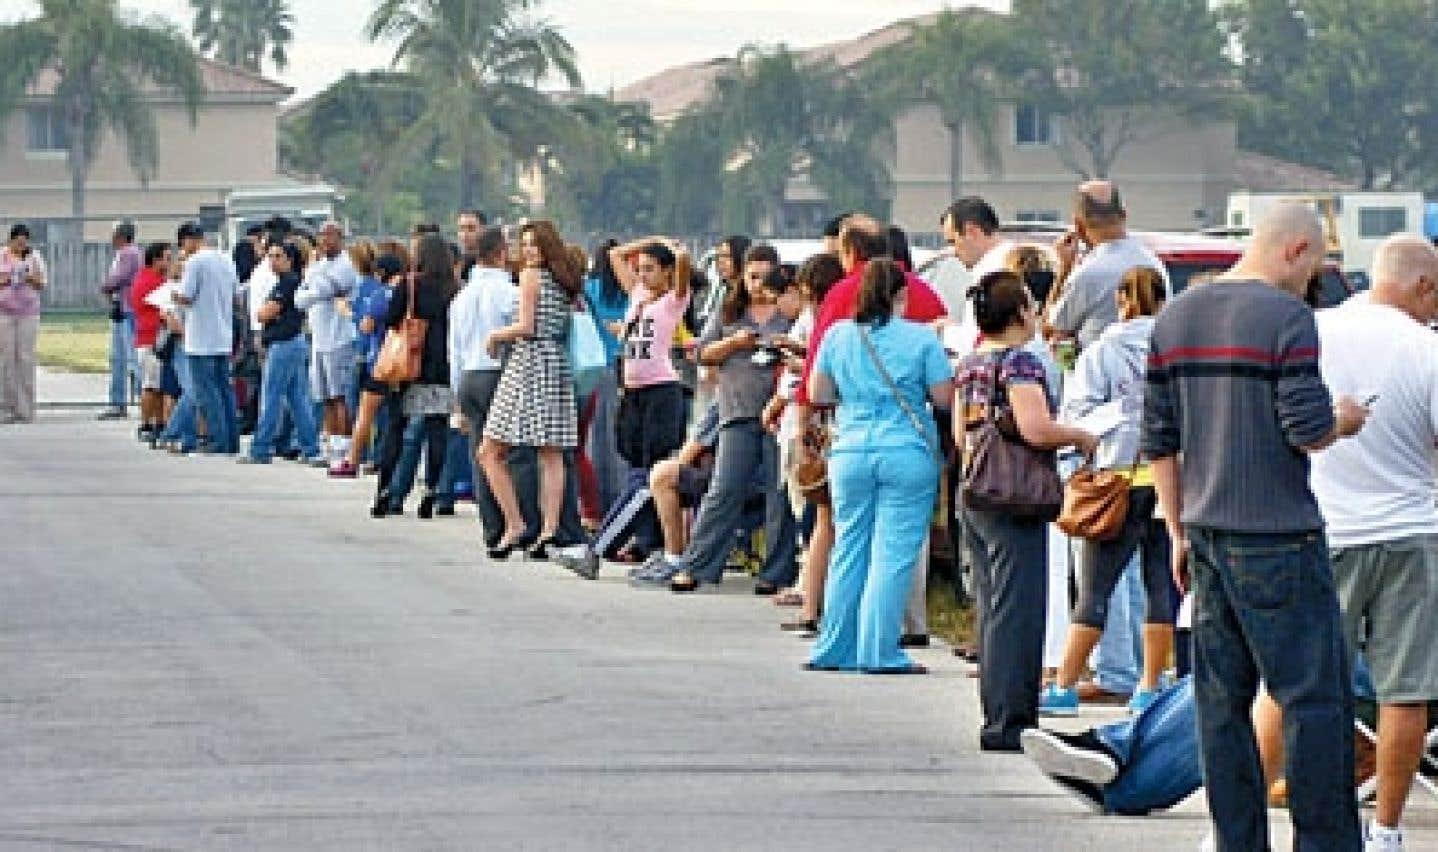 Le déroulement du vote - La patience des électeurs a parfois été mise à rude épreuve